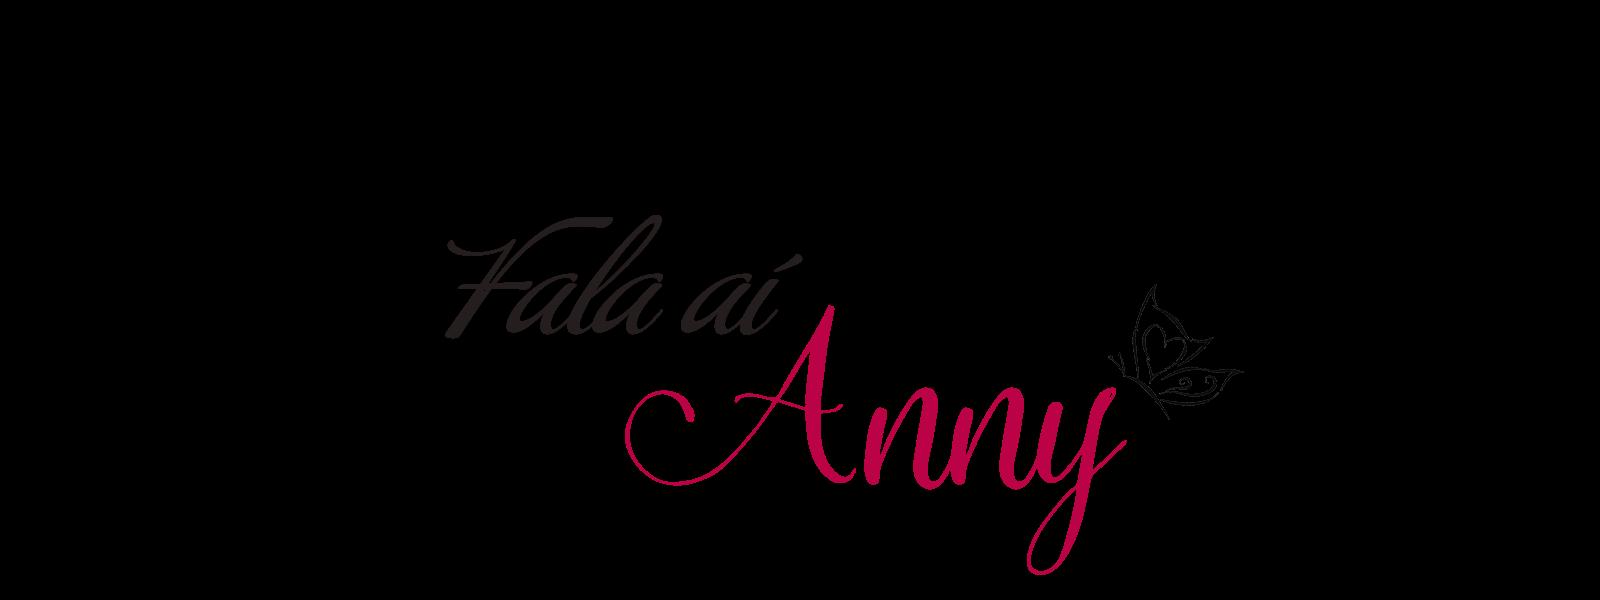 Fala ai Anny